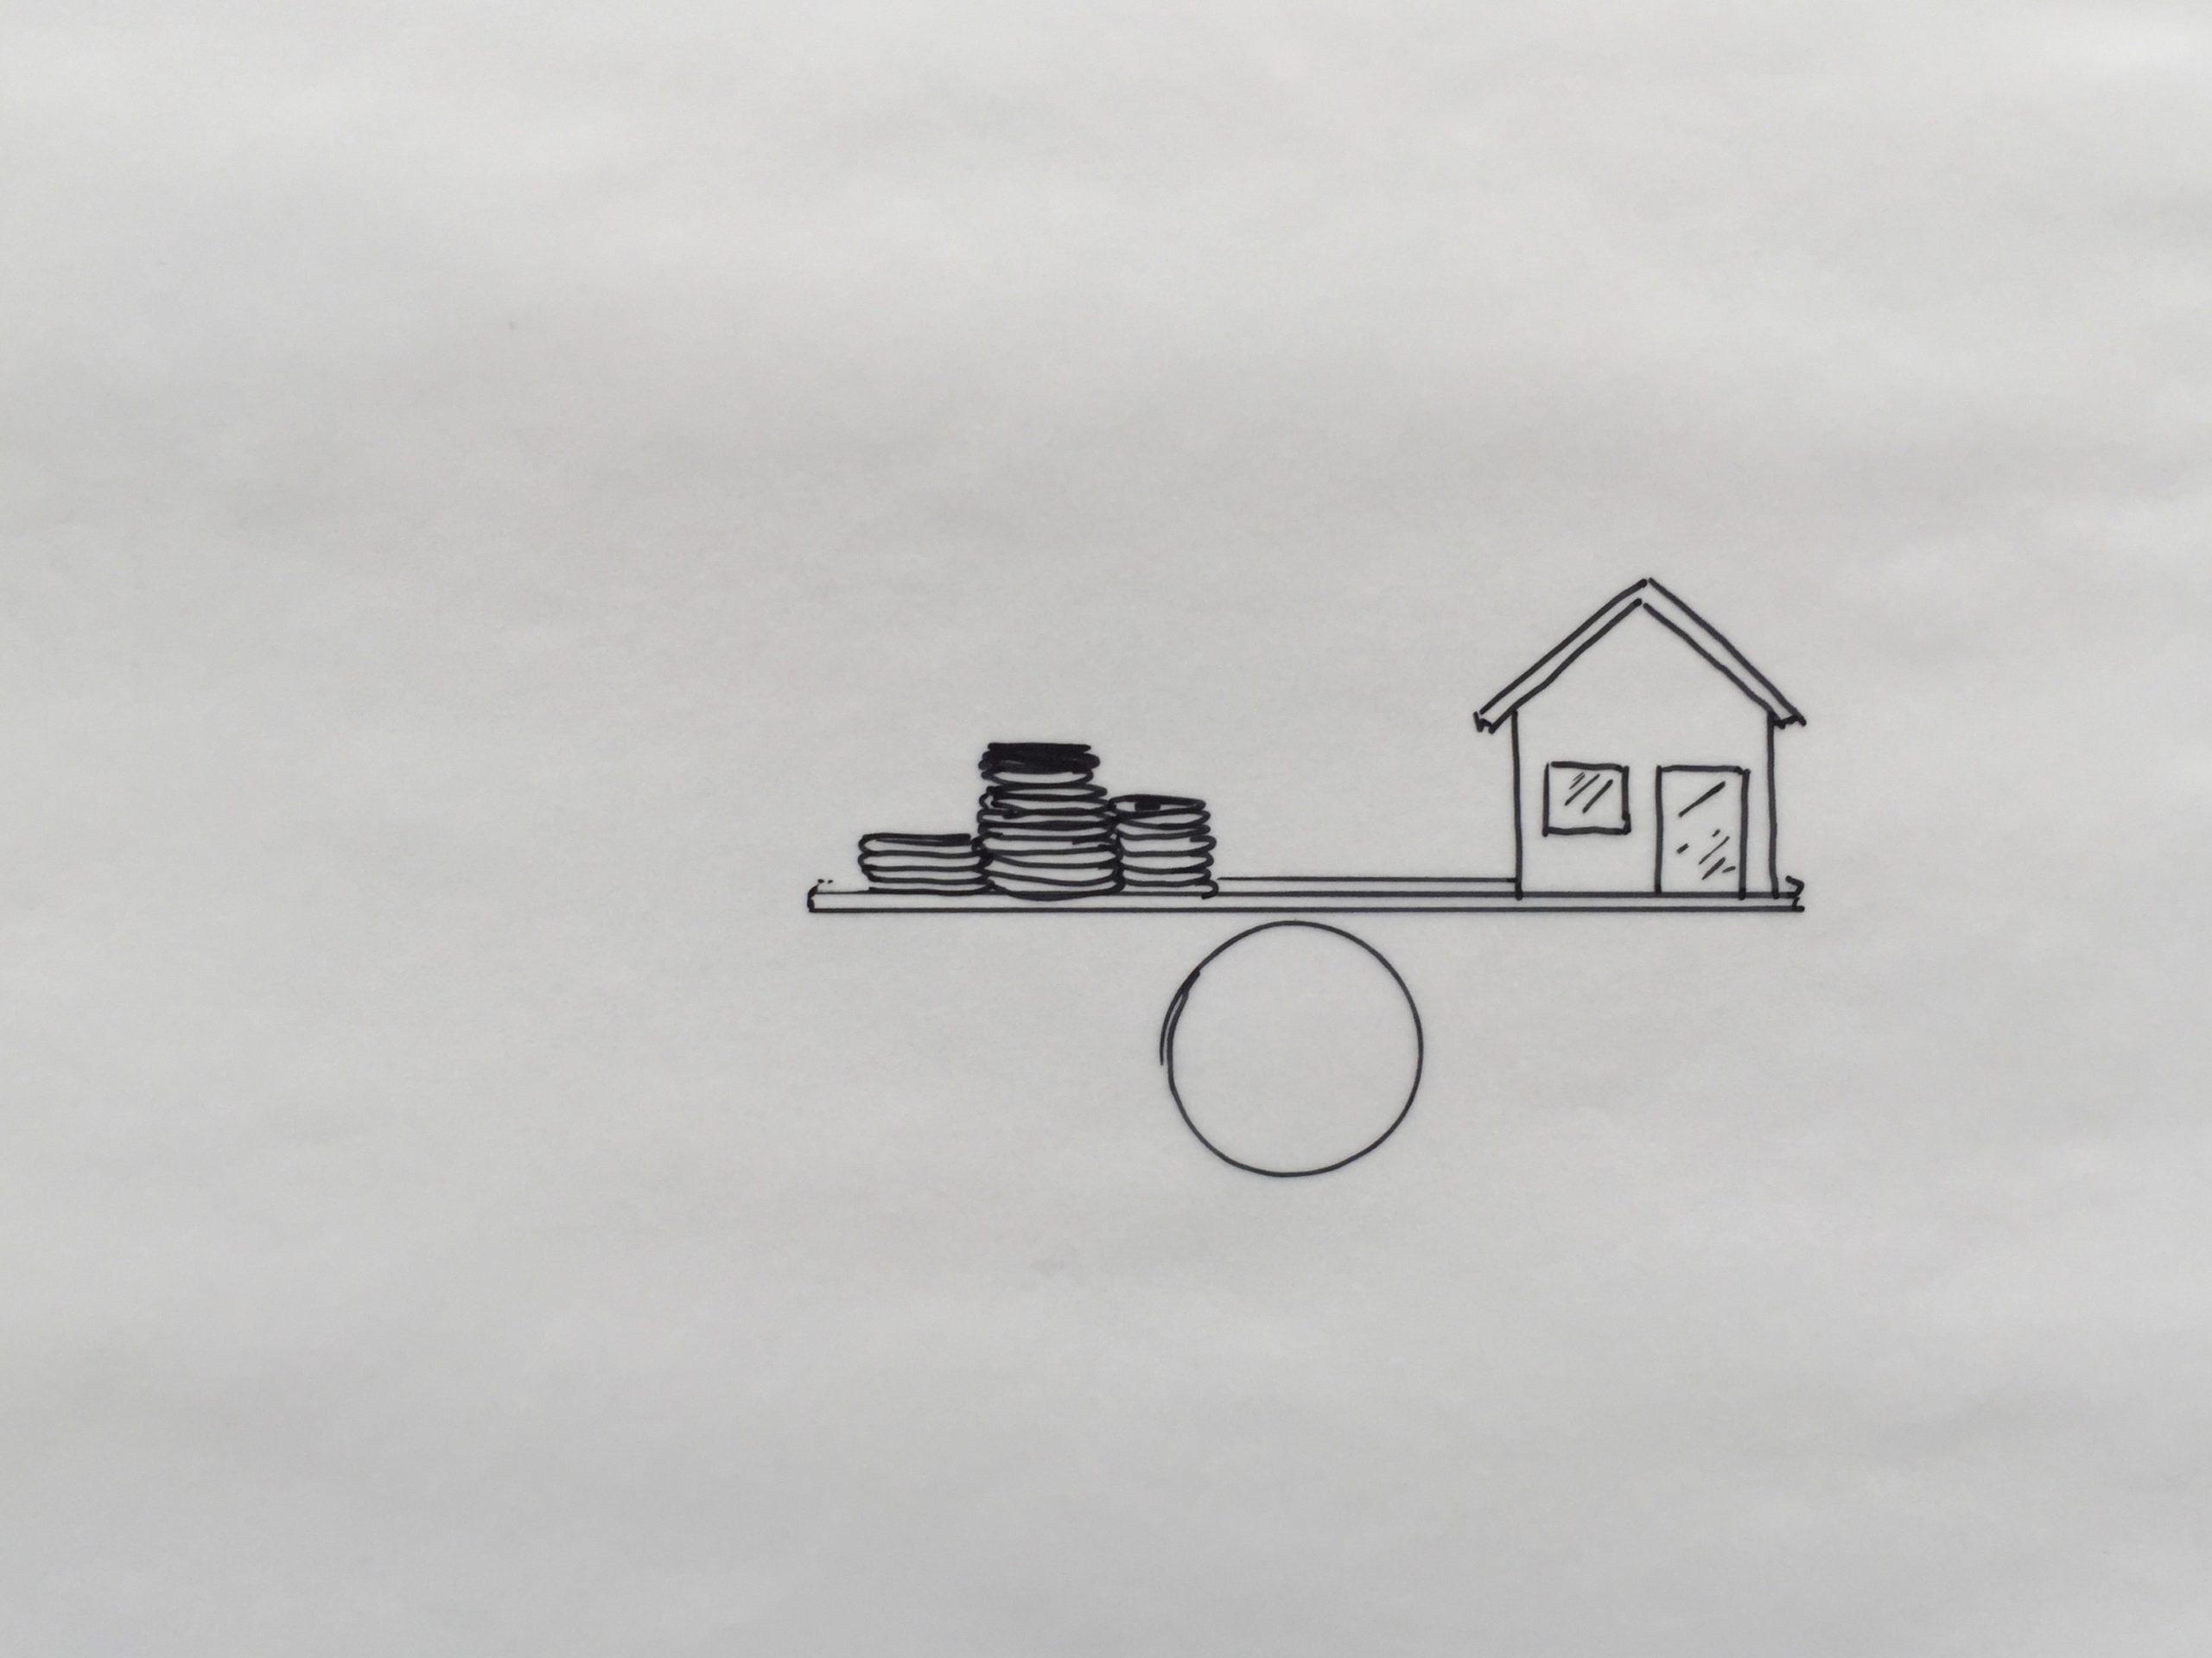 Skizze: Waage mit Geldstücken auf der einen & Haus auf der anderen Seite –steht für gute Balance zwischen Spielraum & Verpflichtung bei Bauvorhaben & Immobilienkauf.